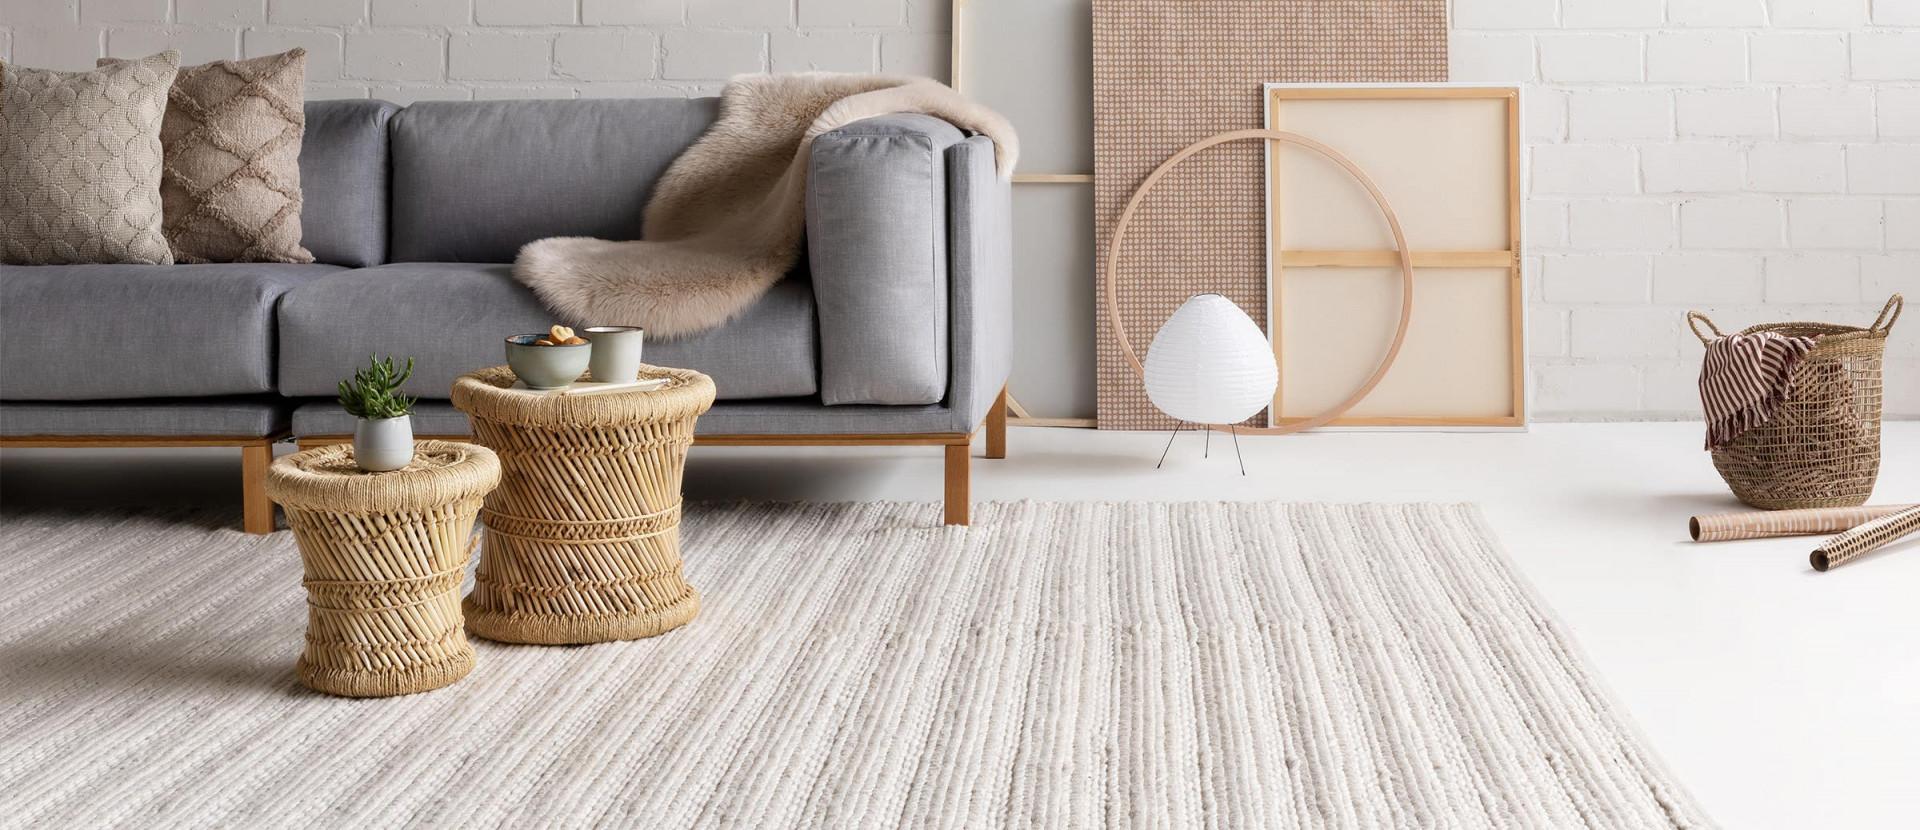 Welcher Teppich Passt Zu Mir  Hilfreiche Tipps von Teppich Wohnzimmer Groß Photo